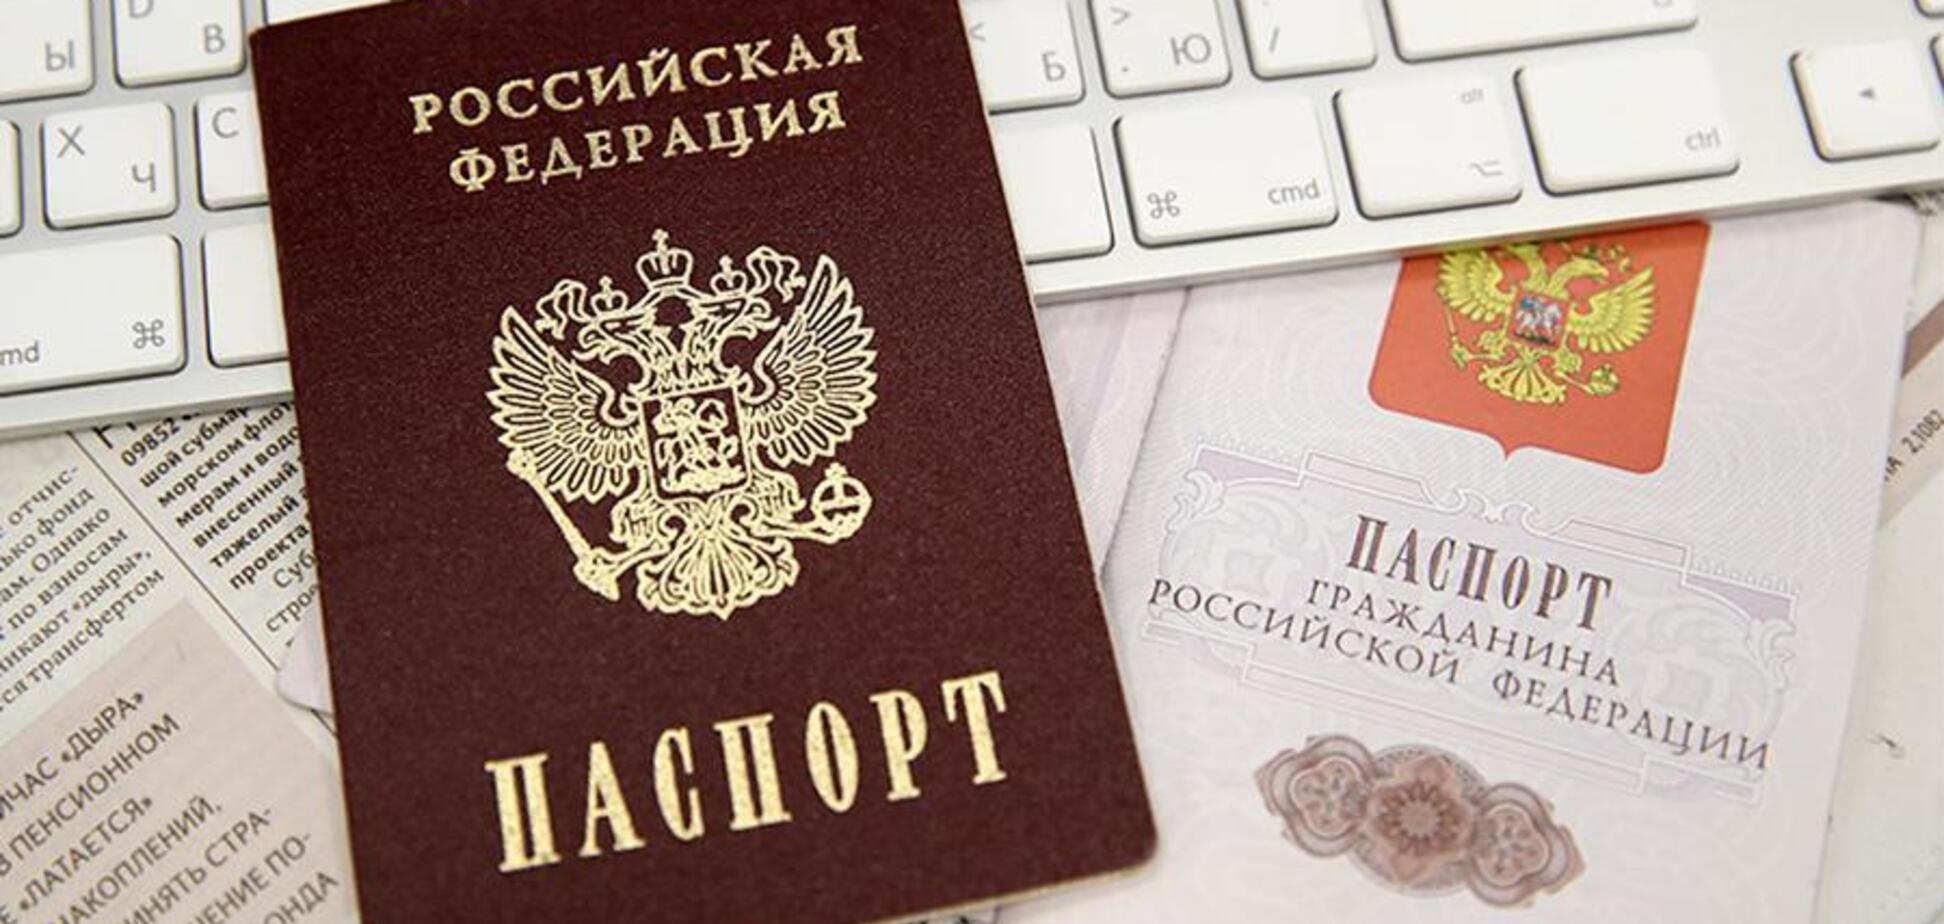 Путин хочет раздать паспорта жителям 'Л/ДНР'? В Кремле ответили